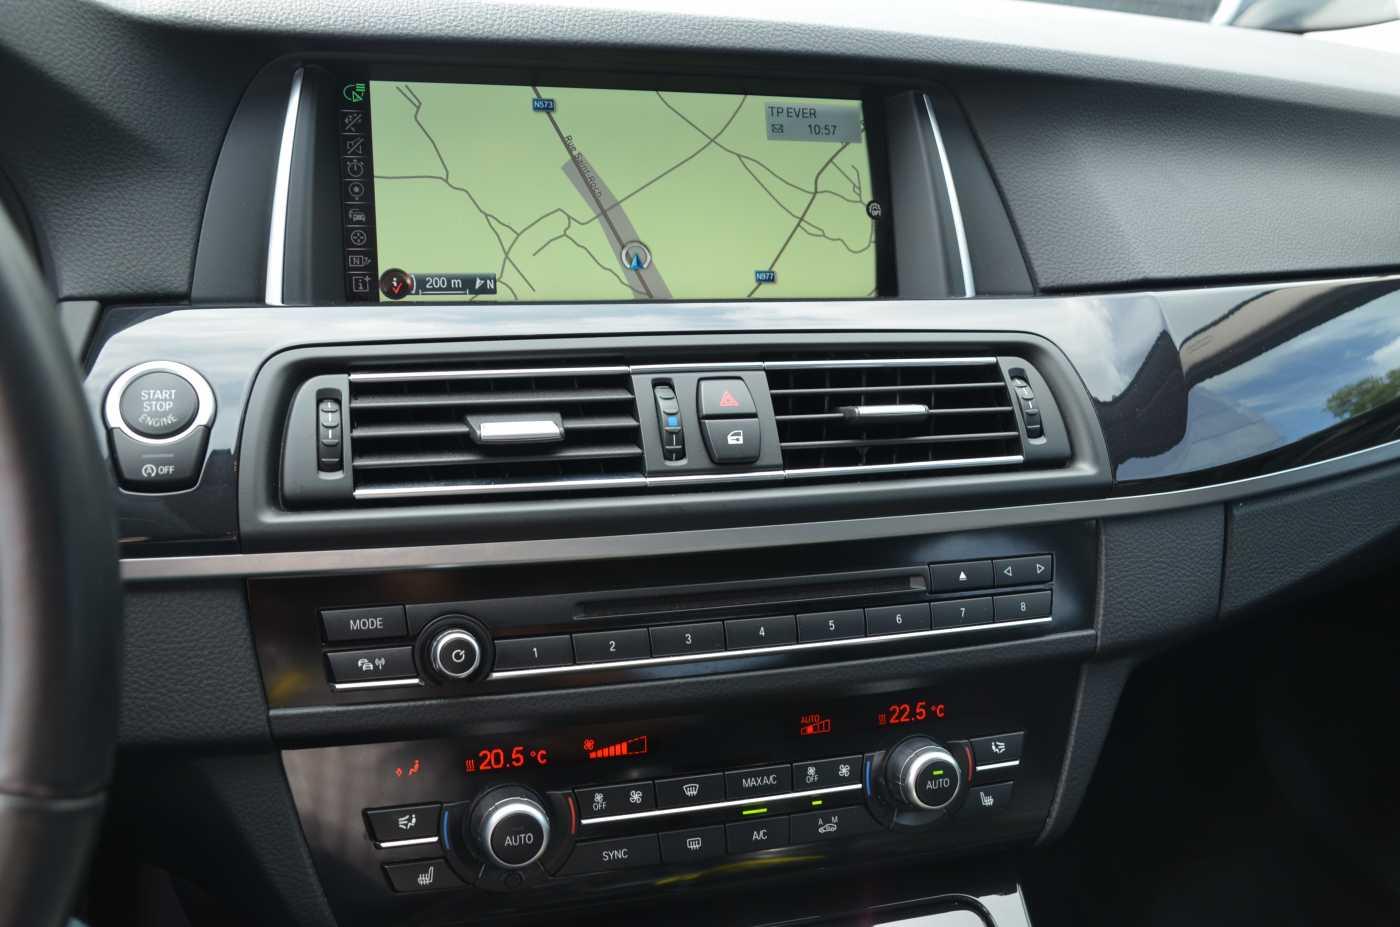 BMW 5 DIESEL - 2015 518 dA 12/12